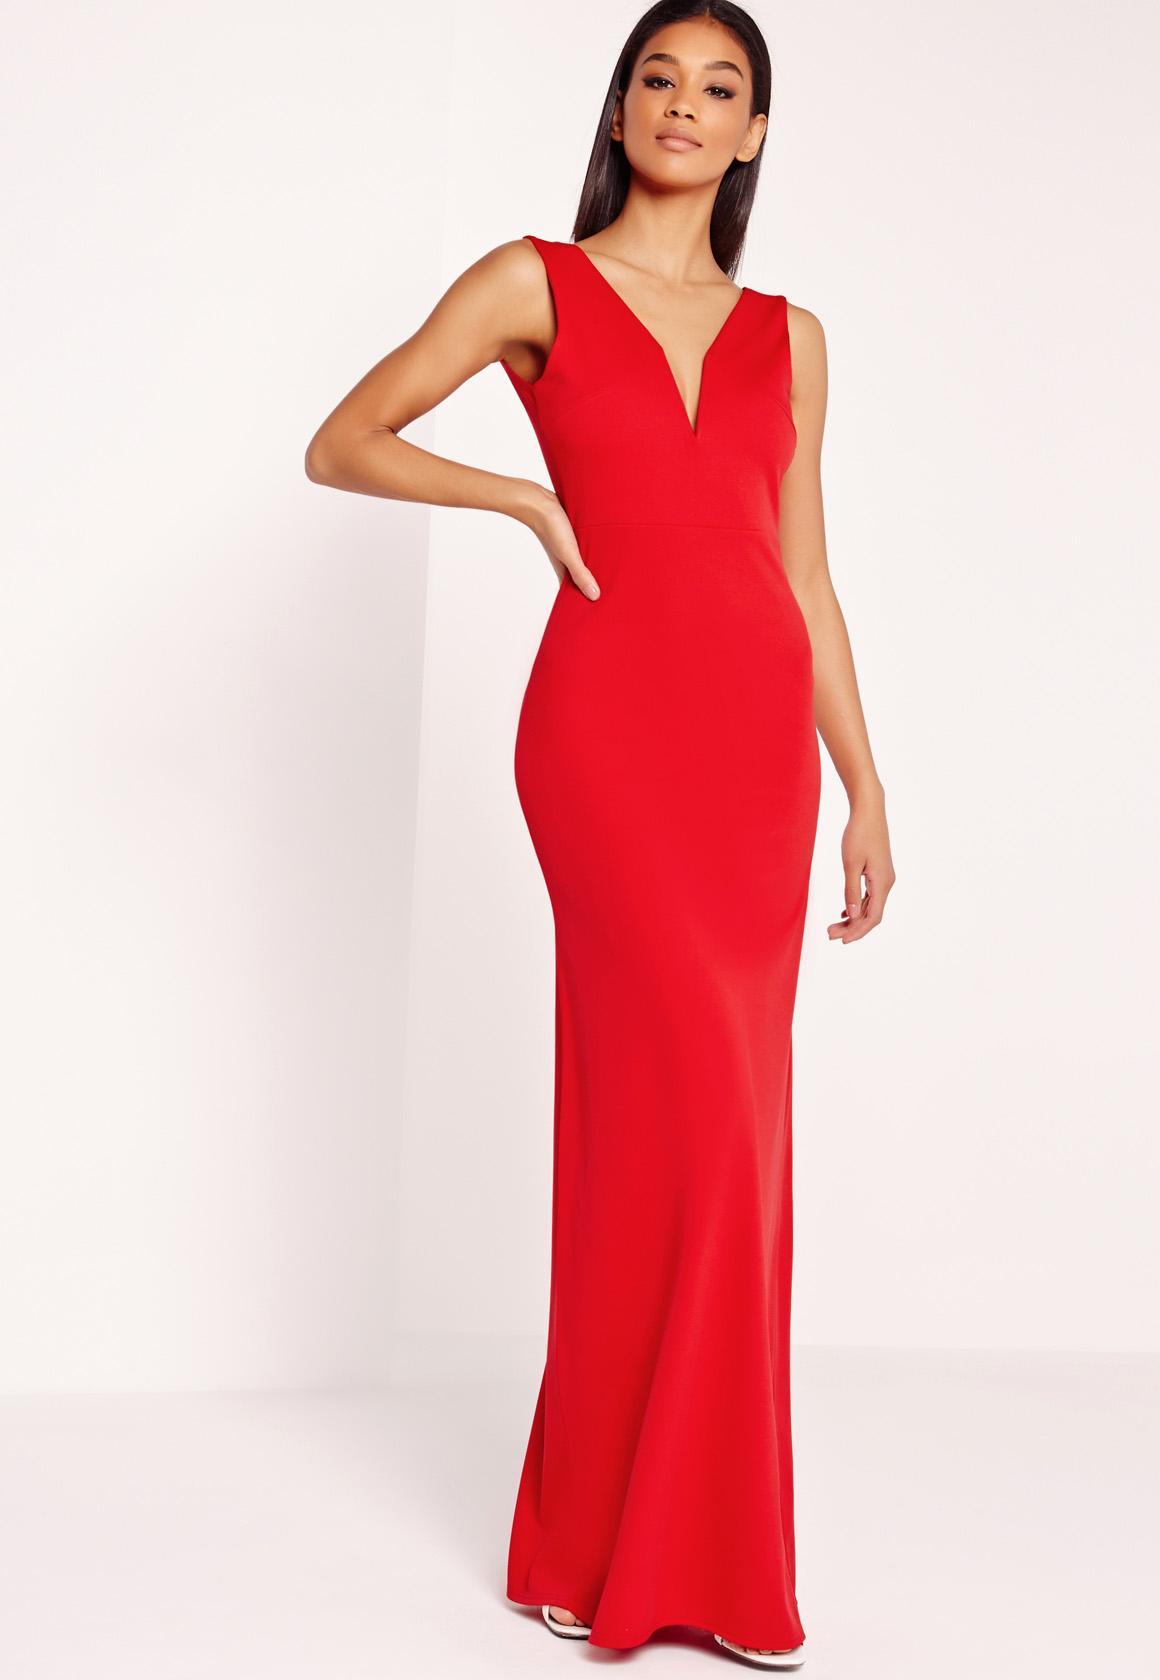 Prom Dresses | Debs Dresses & Formal Dresses - Missguided